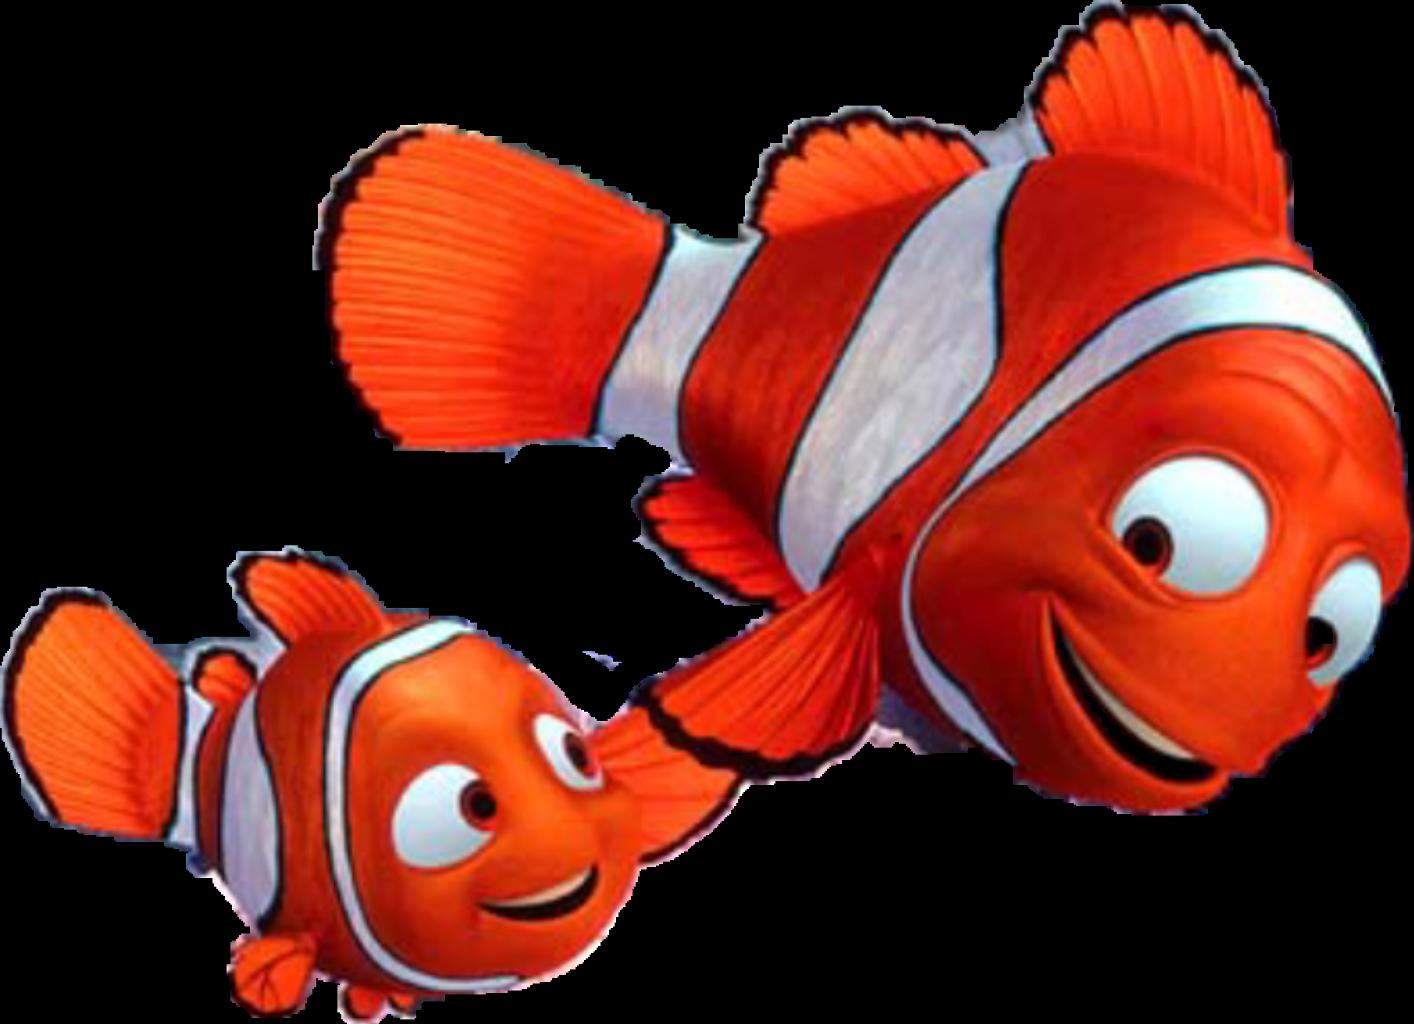 Nemo clipart red. Sticker by domenica araujo